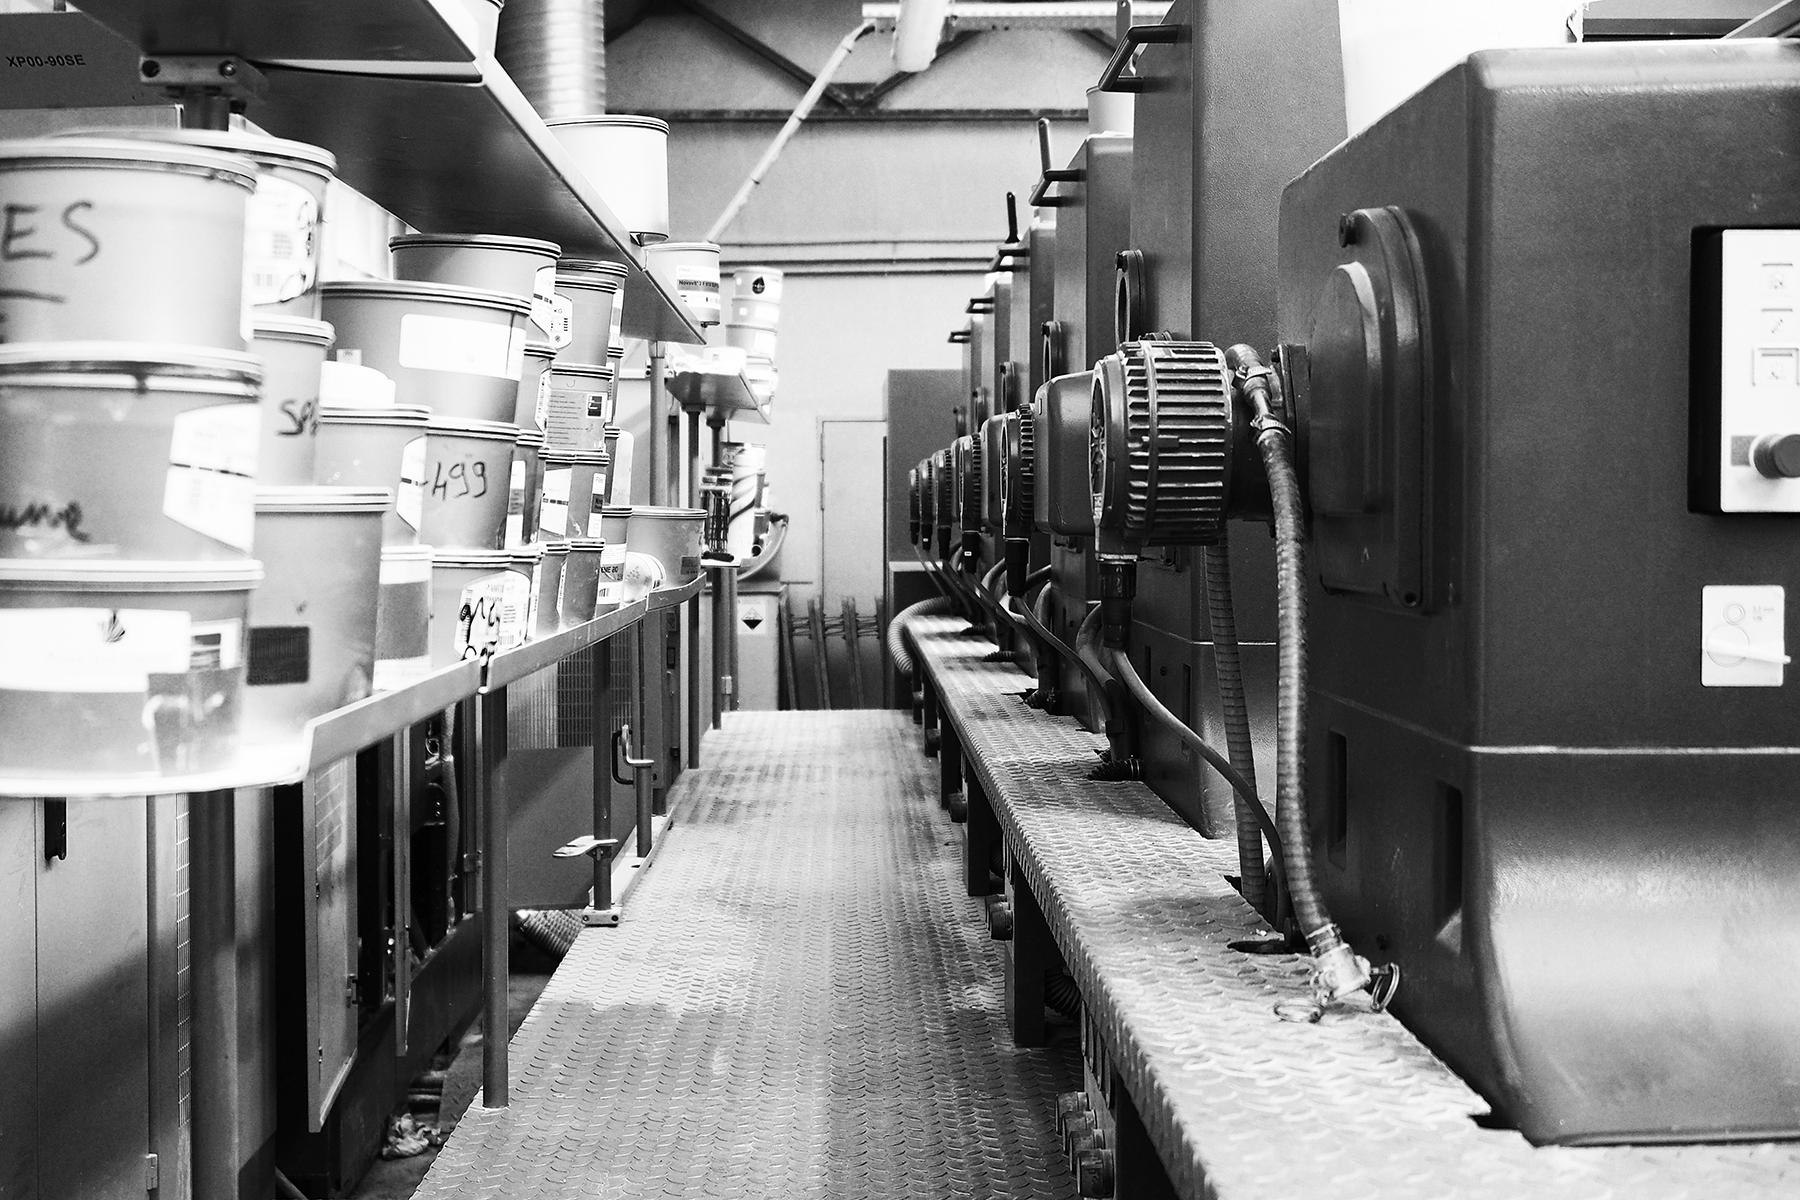 Imprimerie moutot - imprimeur